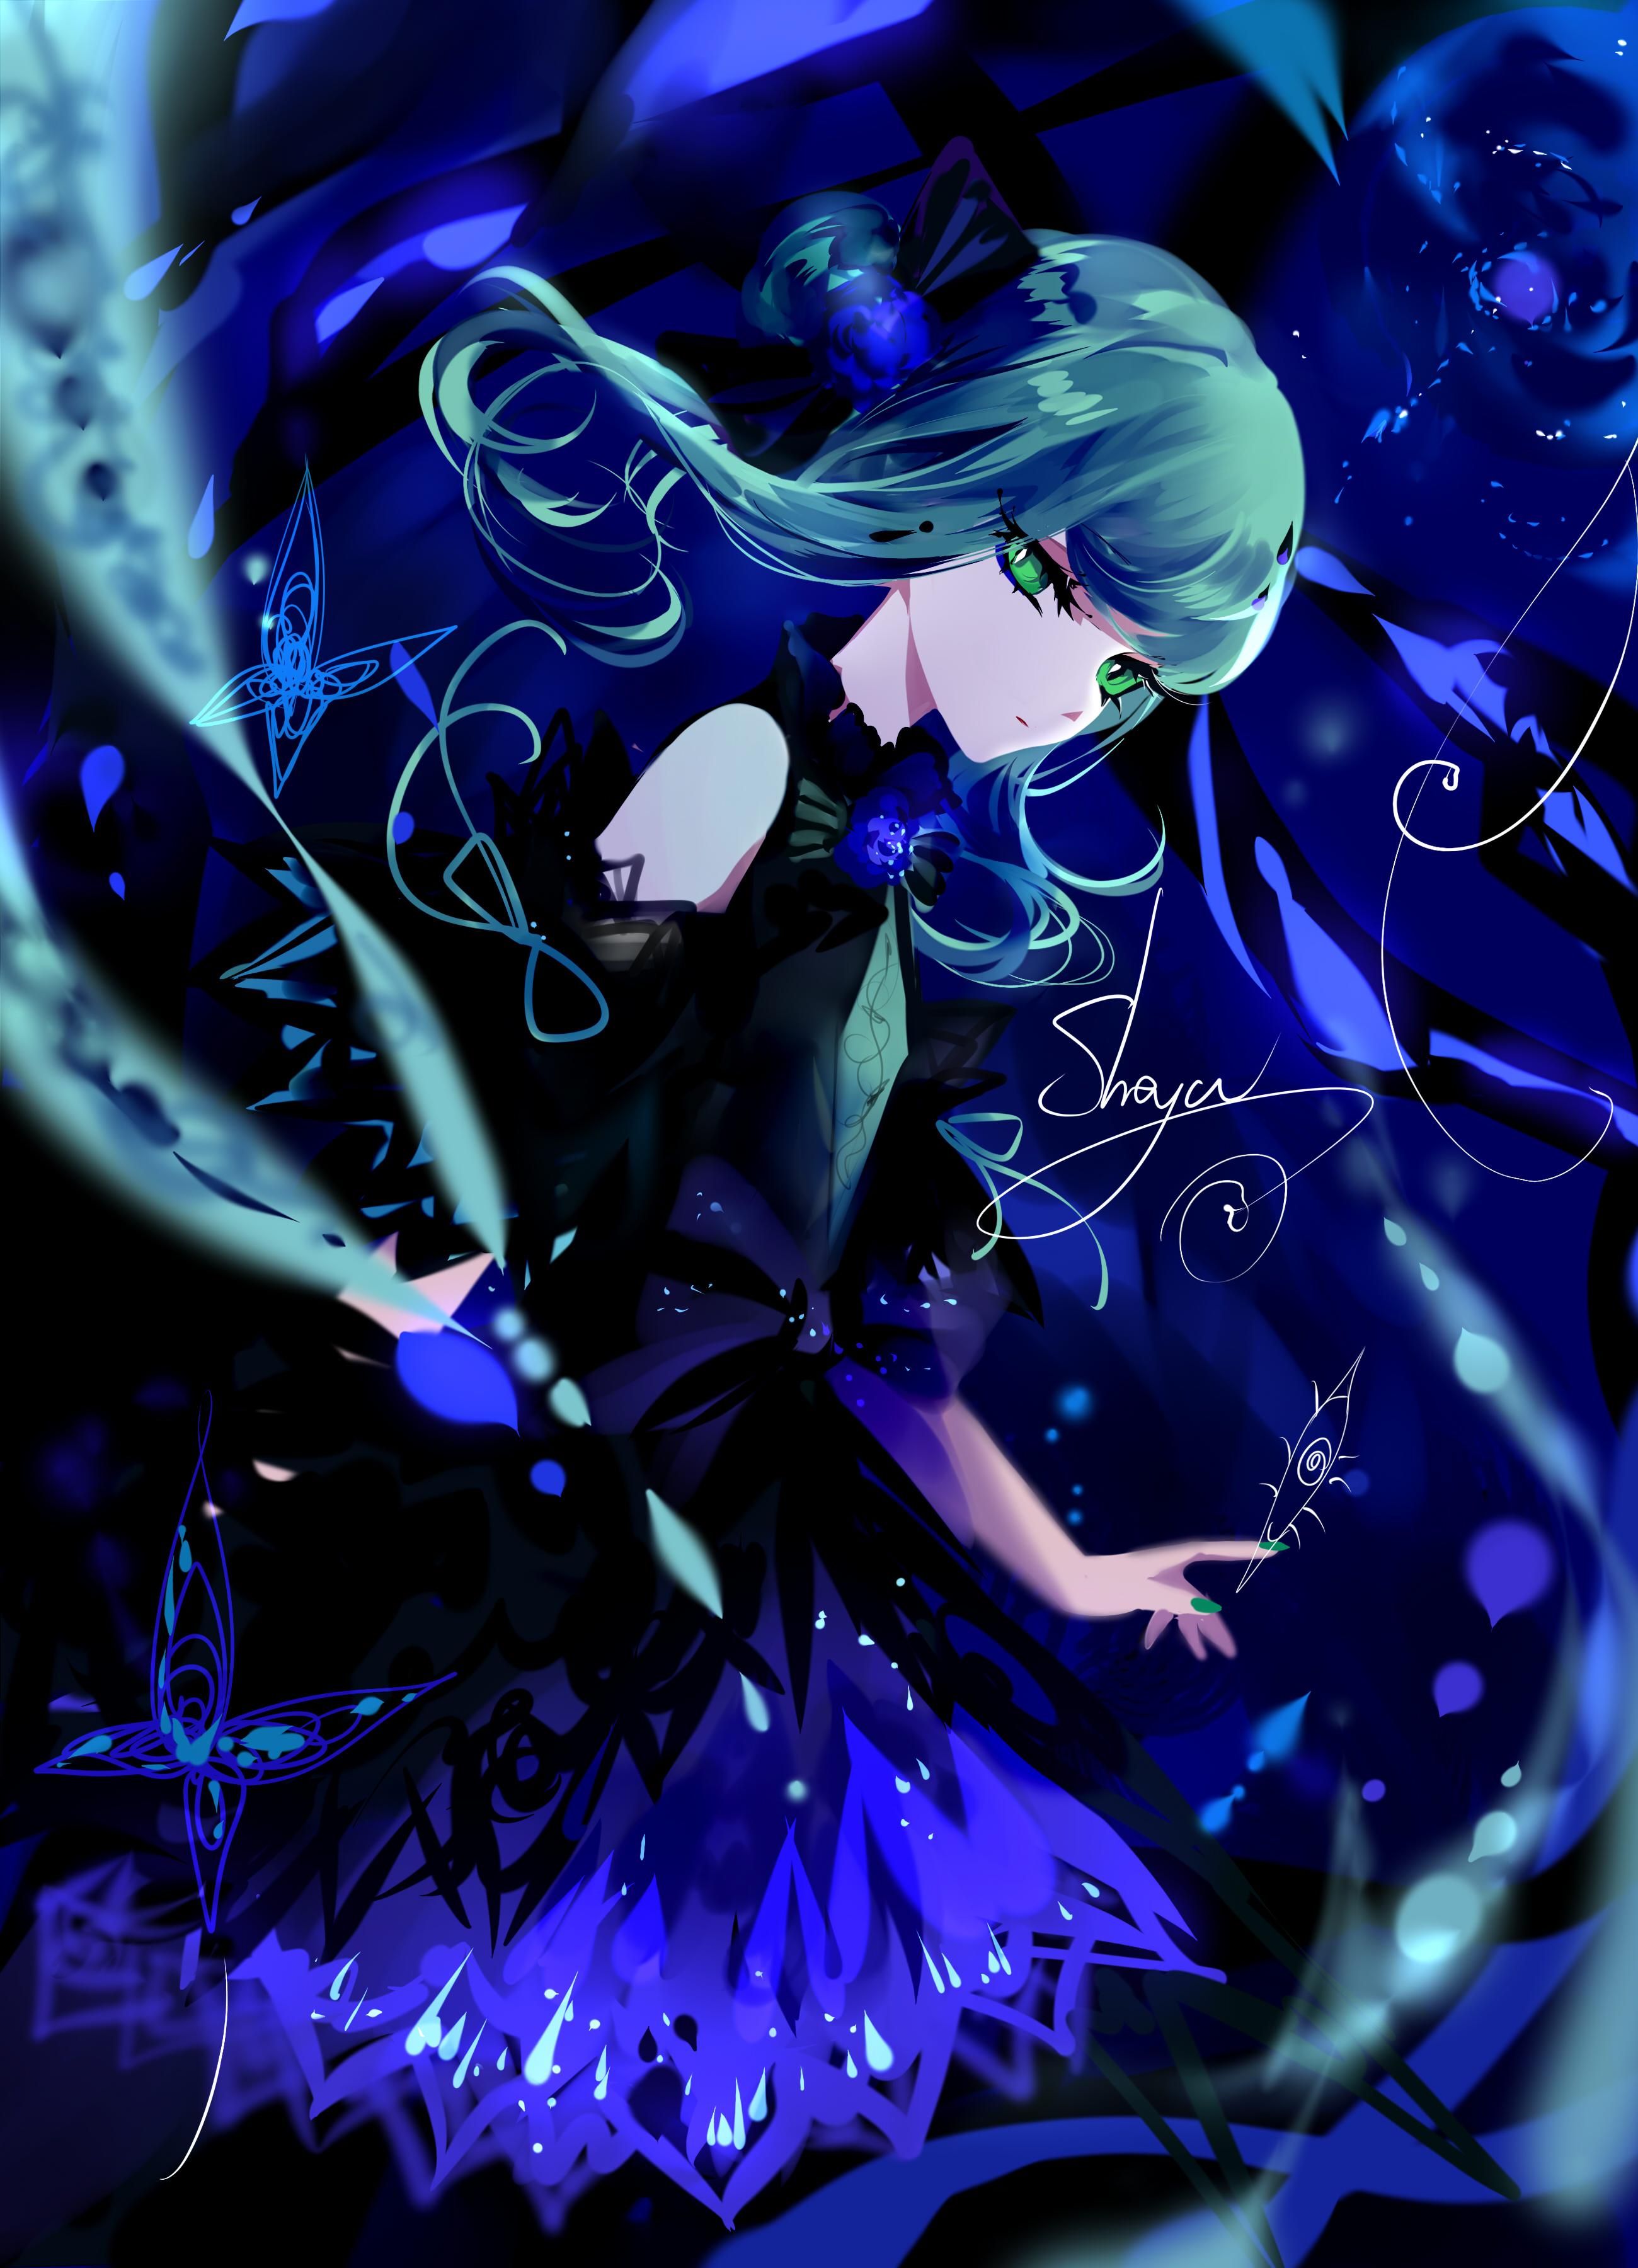 Anime 2600x3600 sheya original characters long hair turquise hair hair ornament green eyes looking at viewer dress bare shoulders nail polish